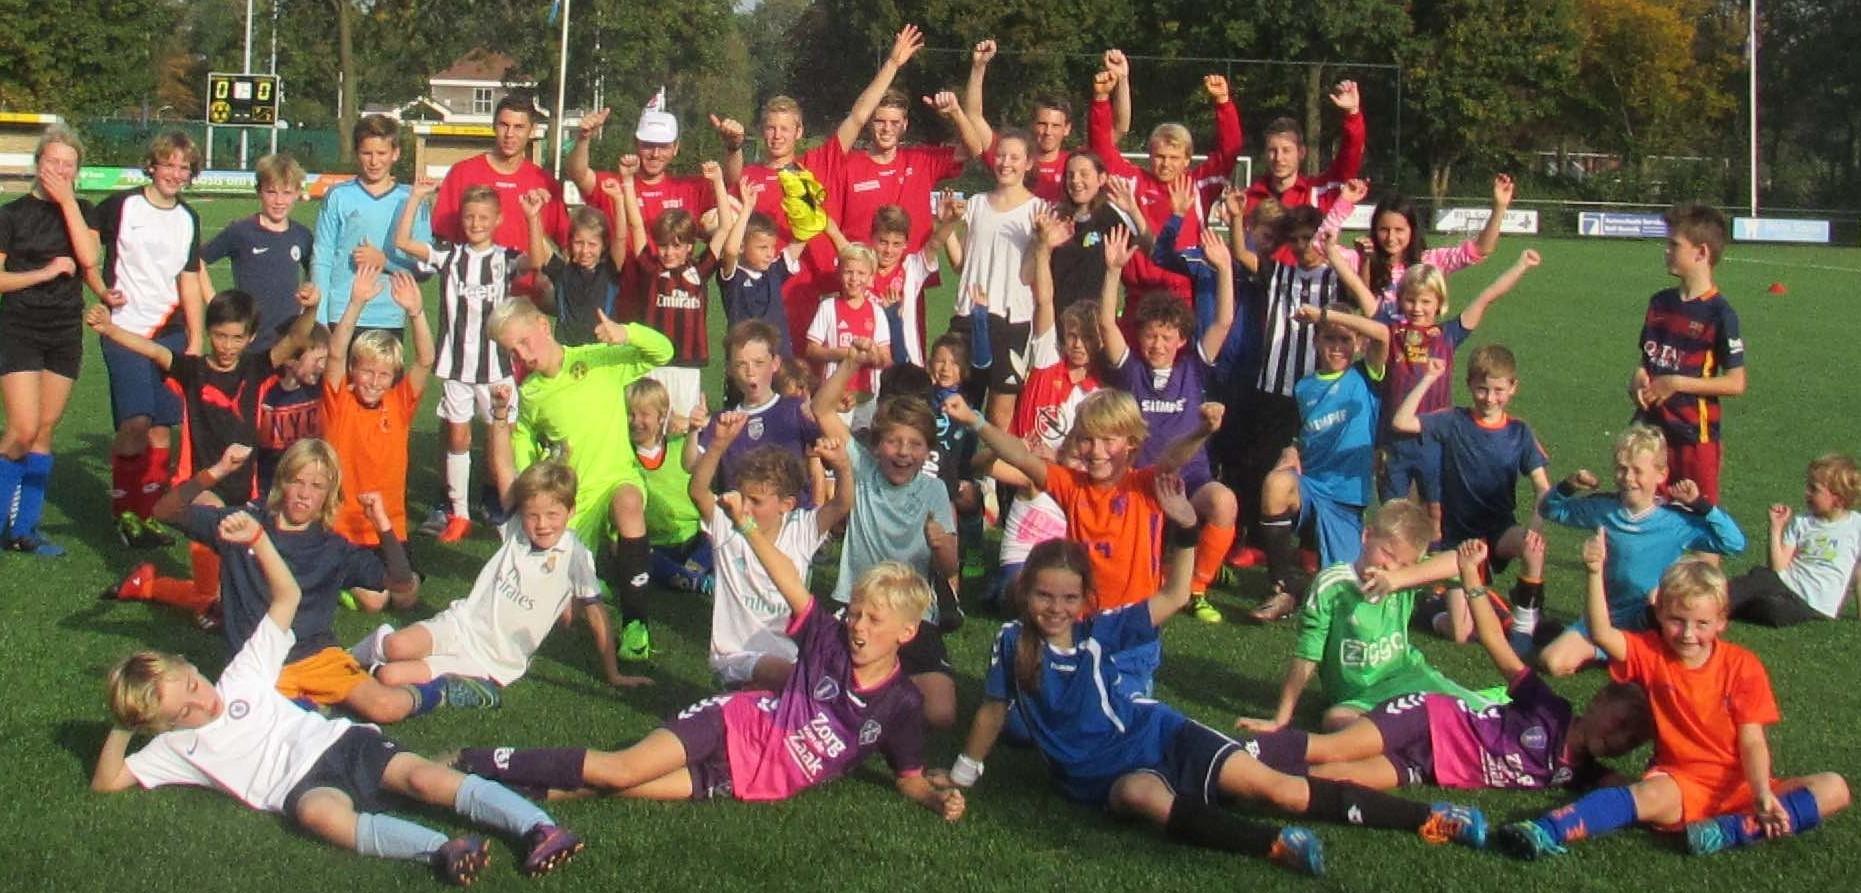 Uniek jeugdvoetbal evenement in de voorjaarsvakantie